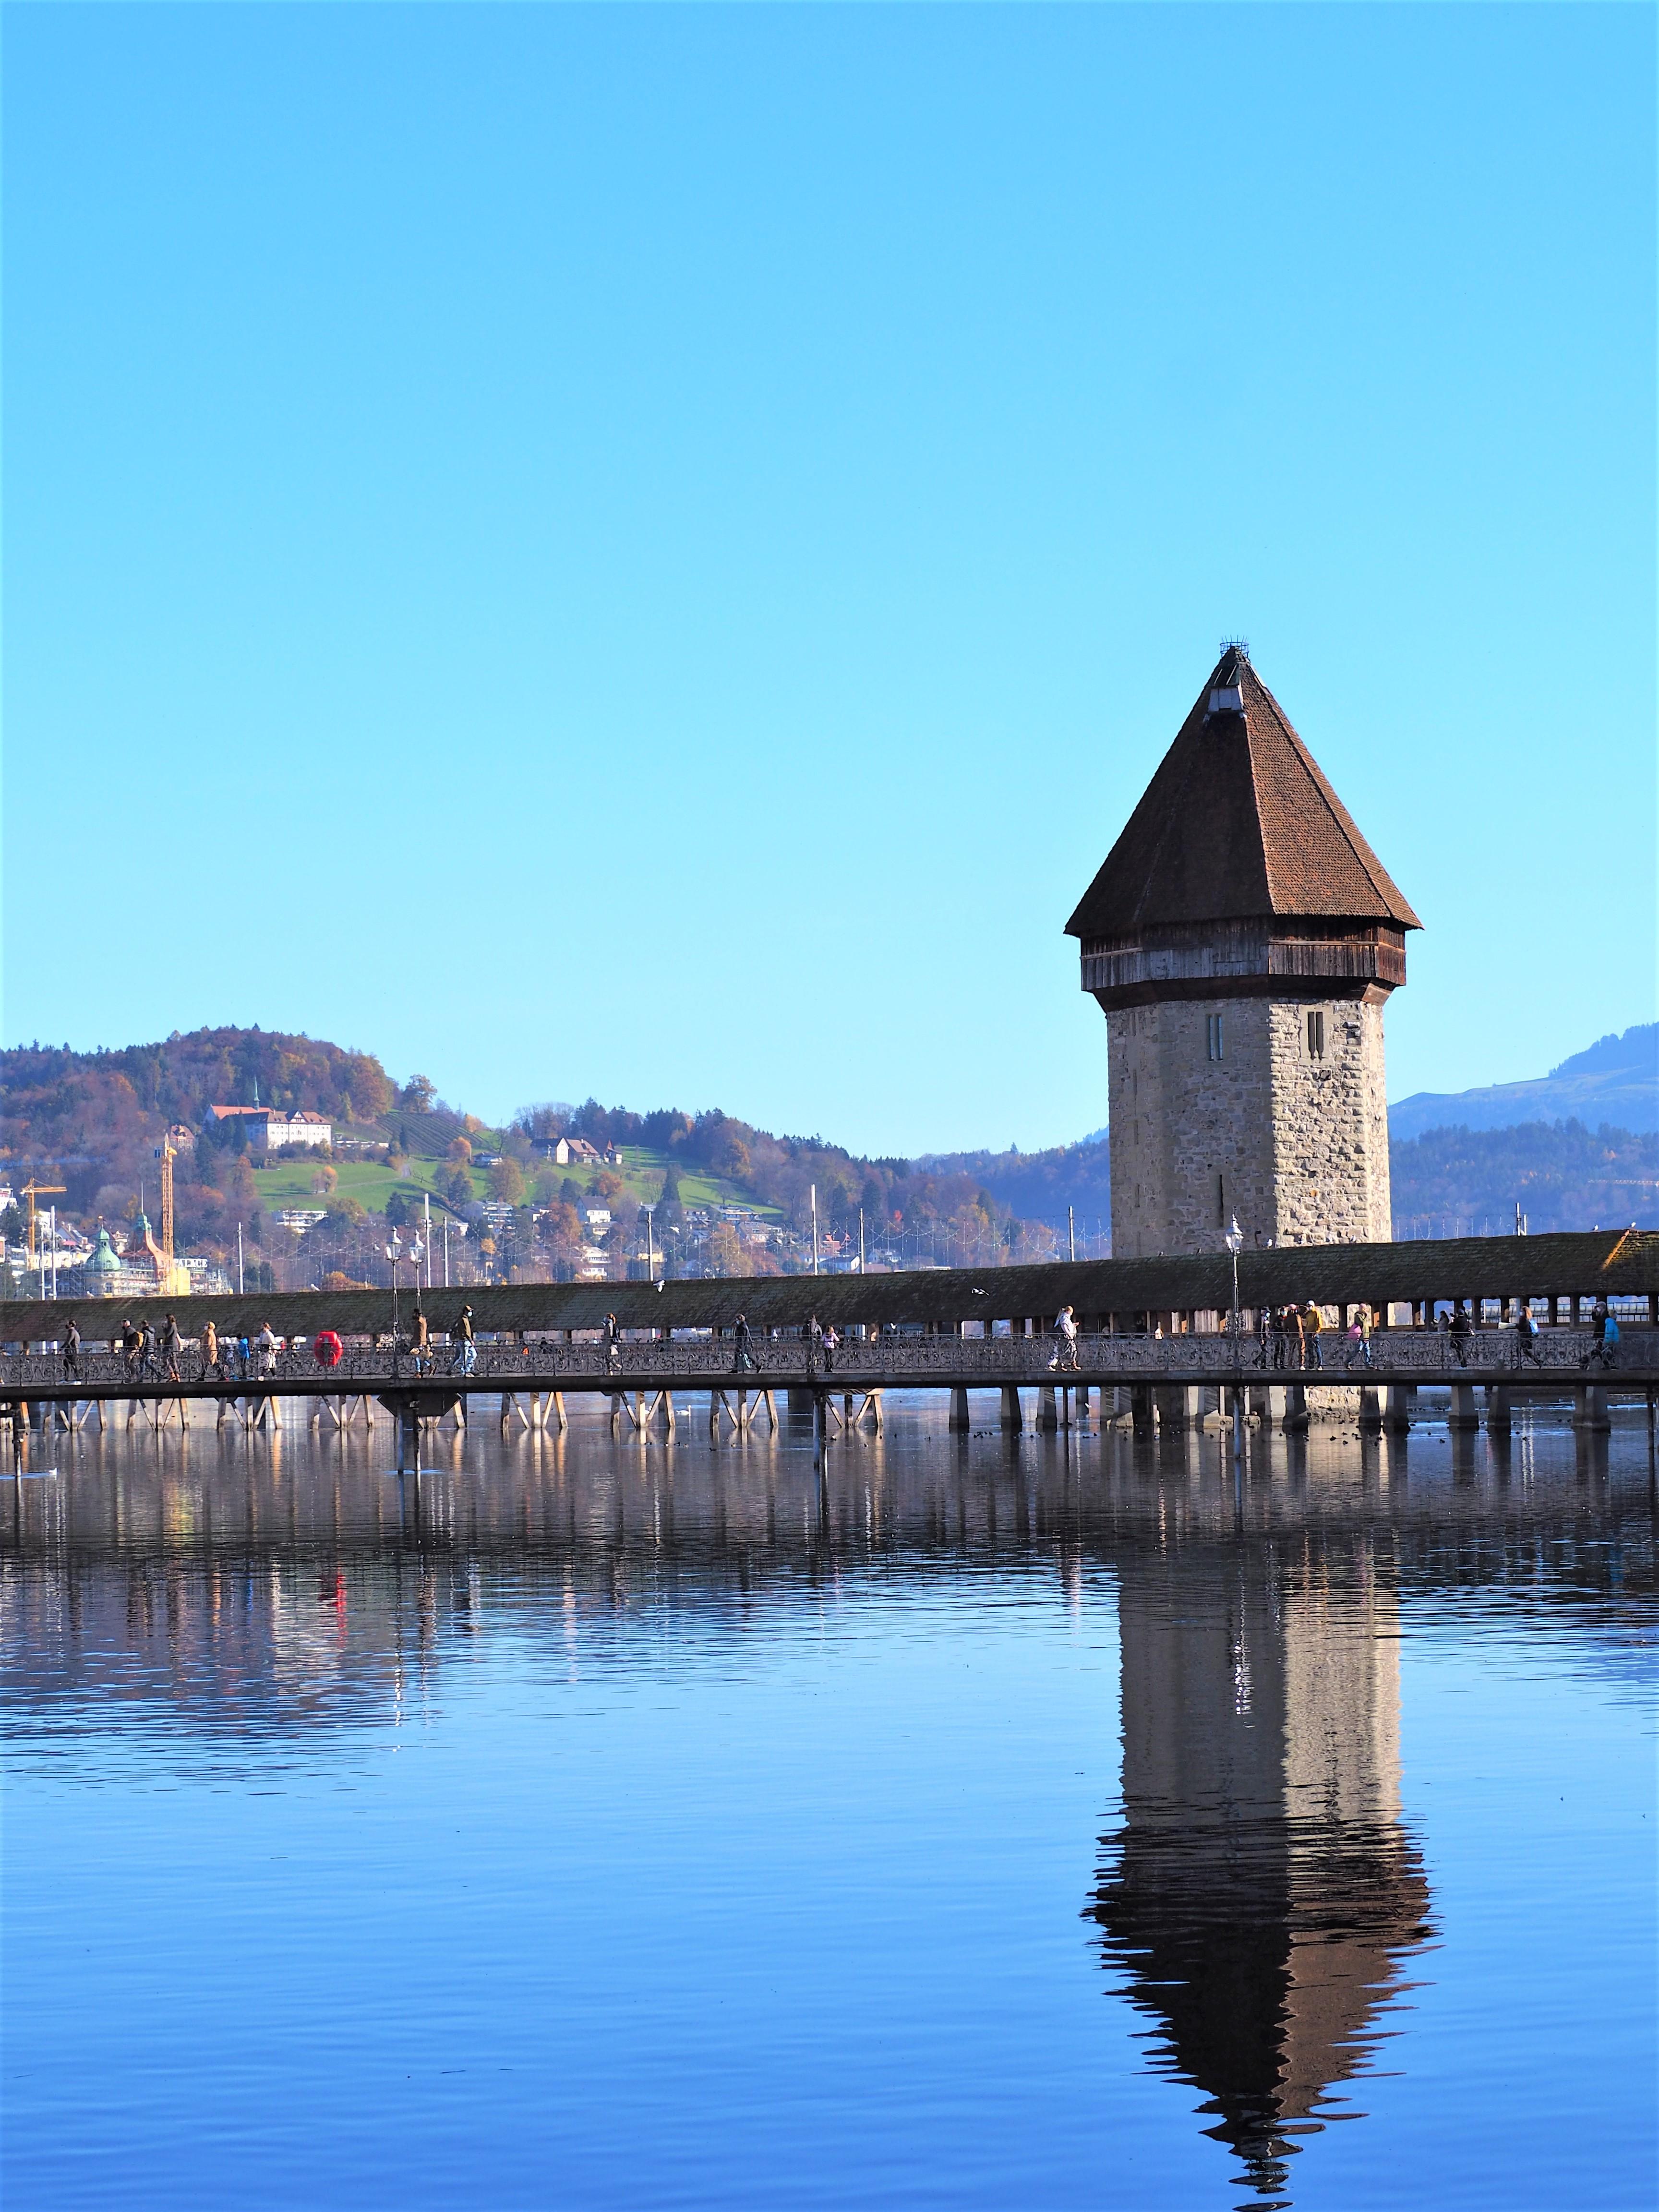 Lucerne-Pont-de-la-Chapelle-et-la-tour-deau-blogvoyage-clioandco-VUE-suisse.j